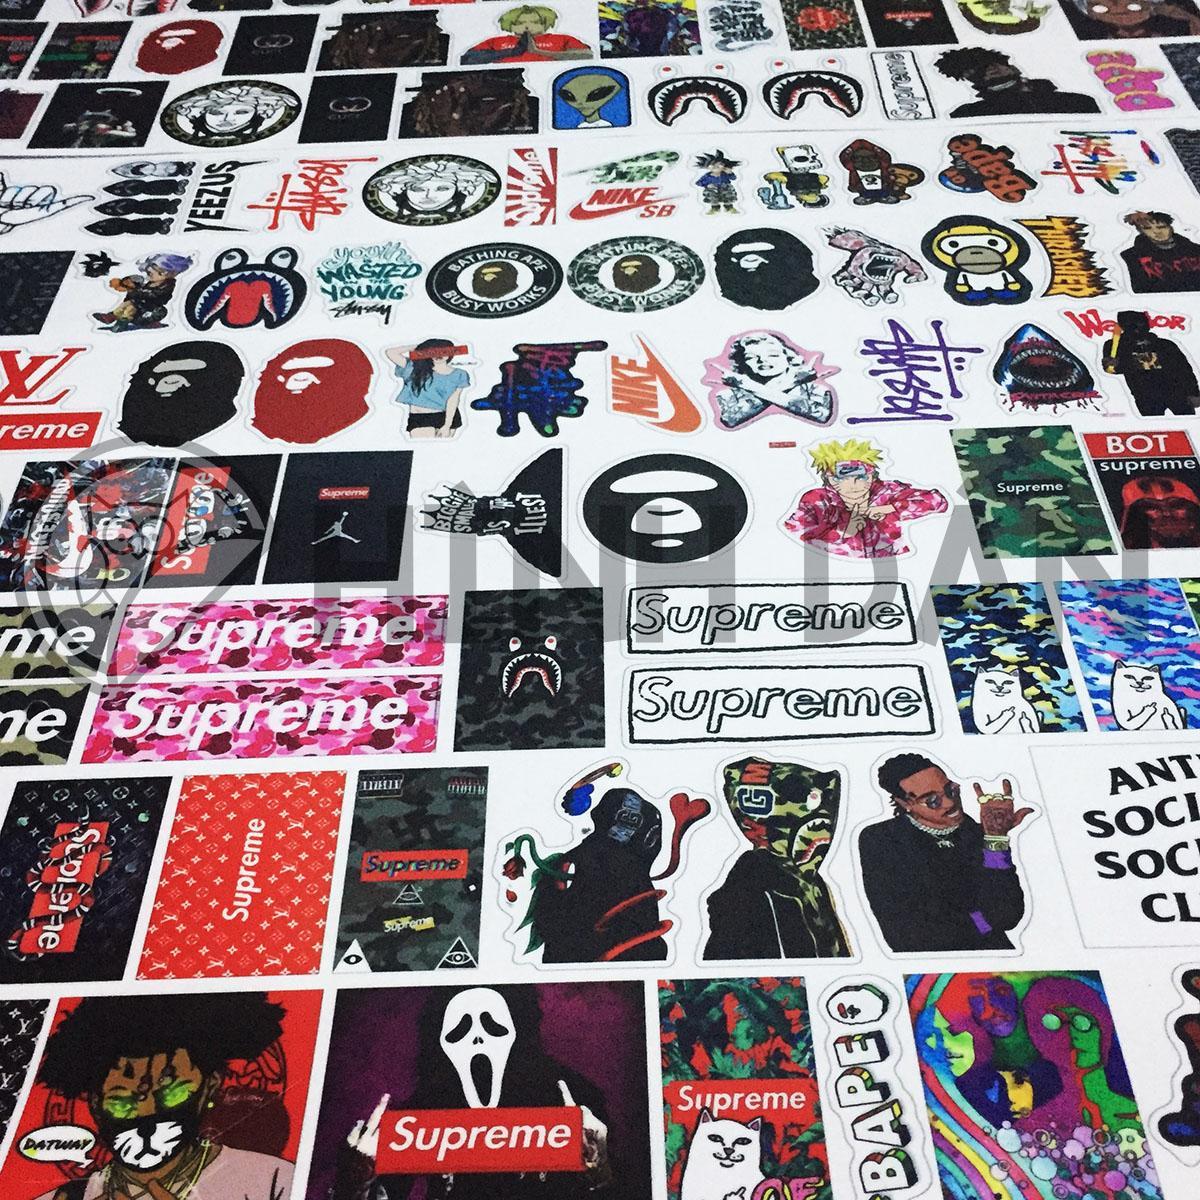 Hình ảnh Bộ Sticker Chủ Đề Hypebeast, Bape, Supreme (2018) Hình Dán Decal Chất Lượng Cao Chống Nước Trang Trí Va Li, Xe, Laptop, Nón Bảo Hiểm, Máy Tính, Tủ Quần Áo